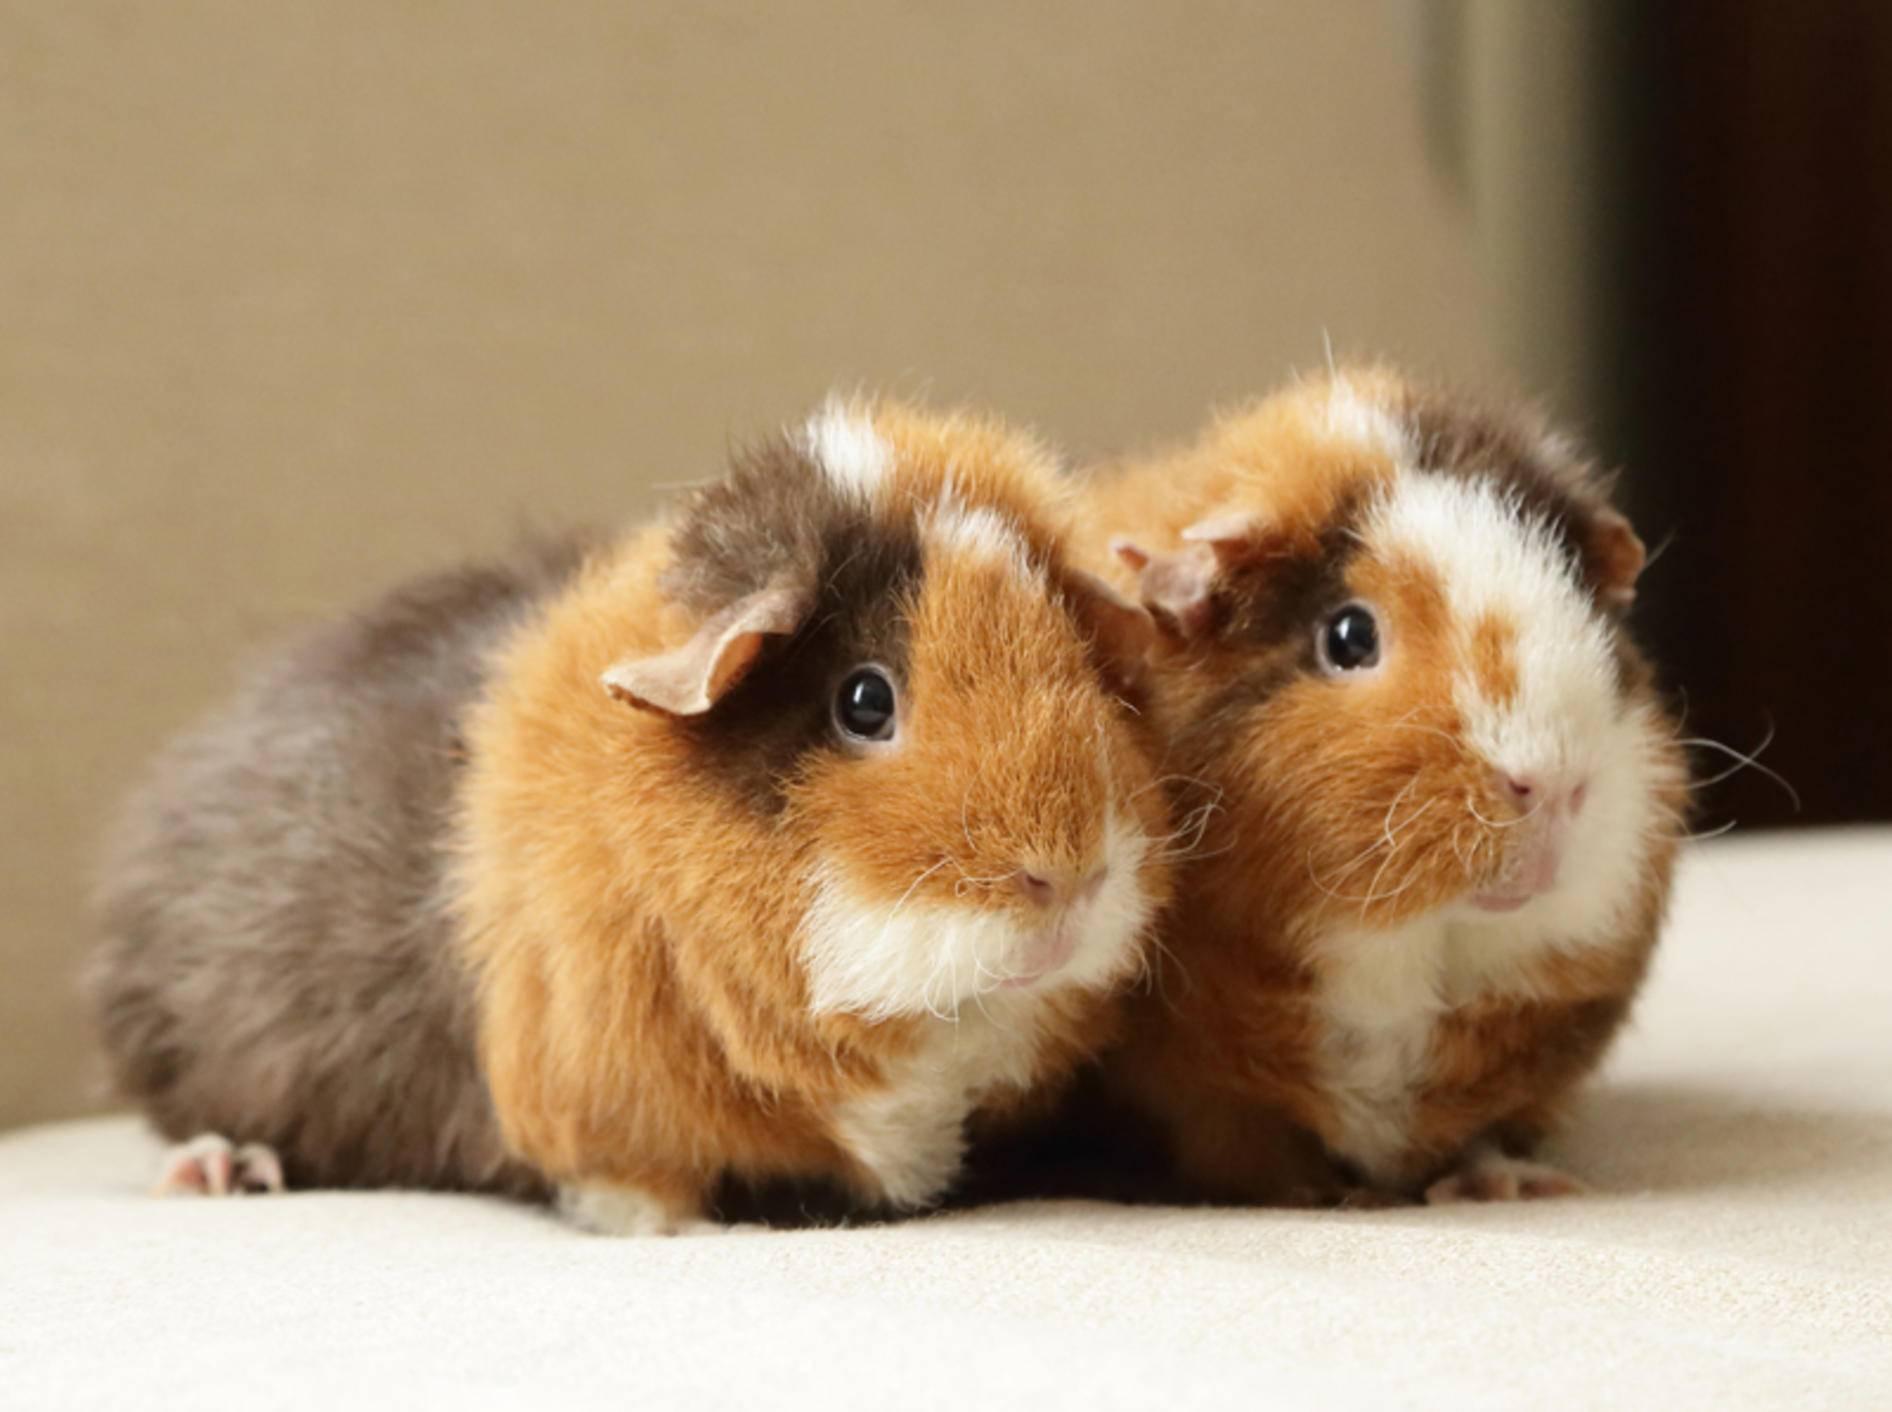 Wenn Meerschweinchen sich so eng aneinander schmiegen, kann das ein Symptom für Stress sein – Shutterstock / yurilily